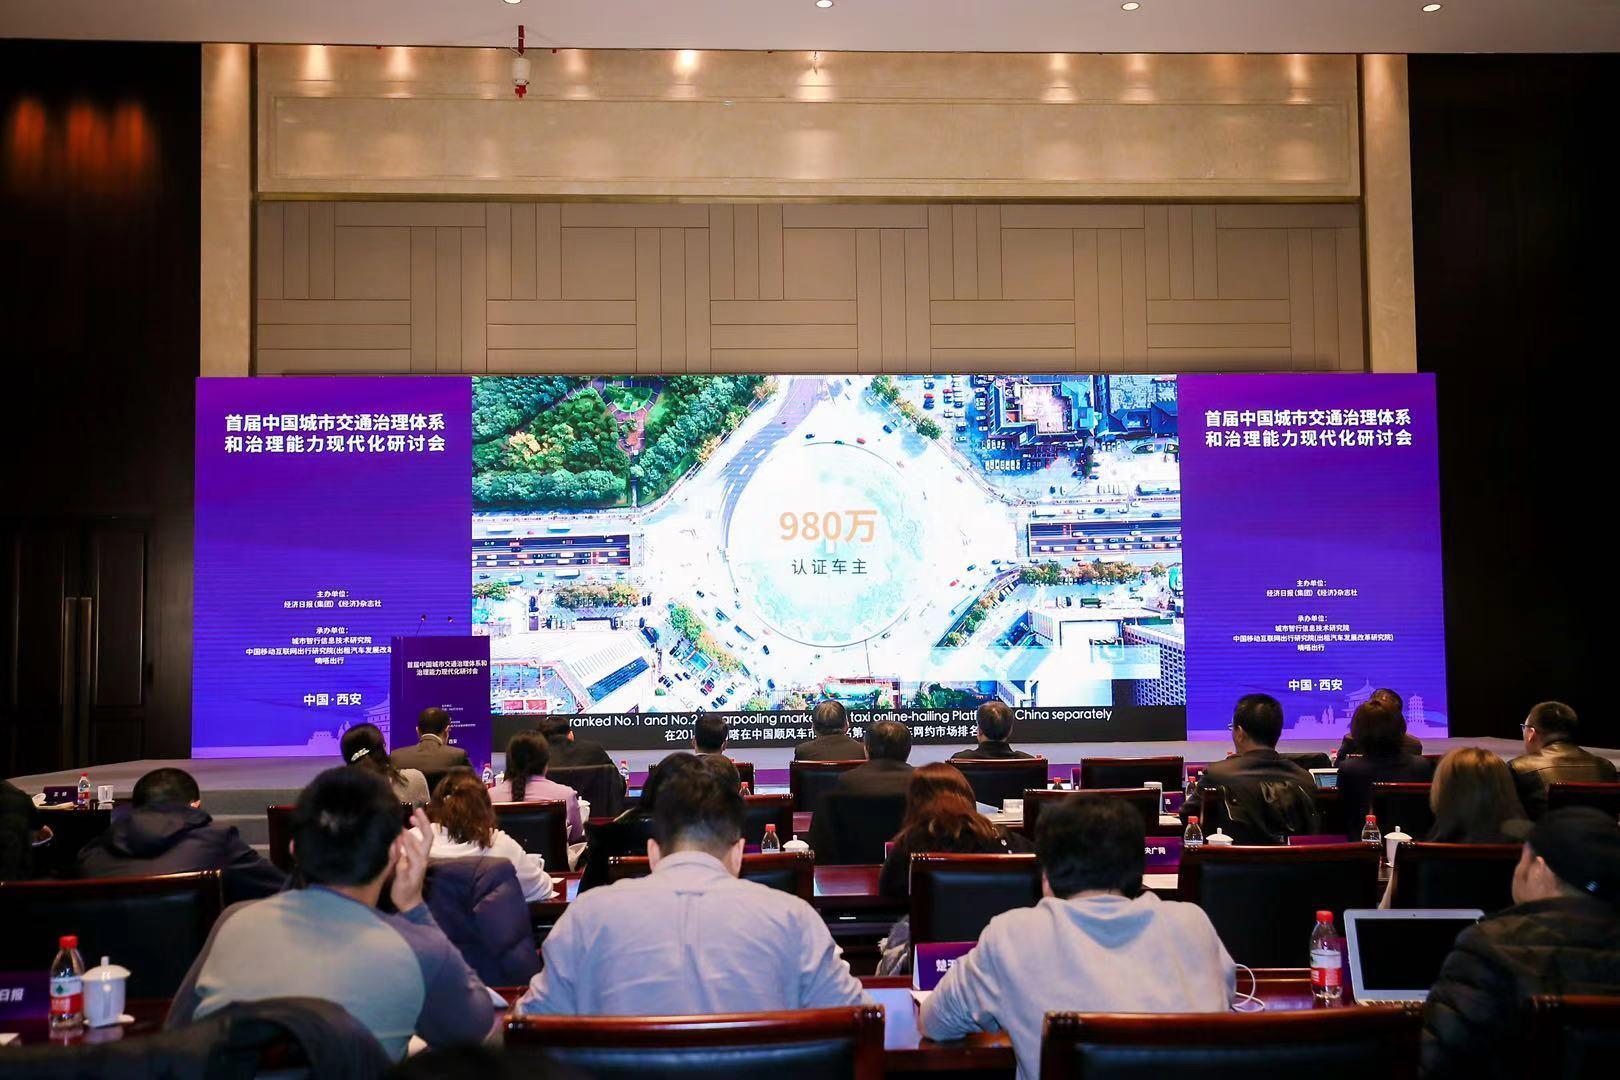 首届中国城市交通治理体系和治理能力现代化研讨会在西安举行——巡游出租汽车能重现辉煌吗?